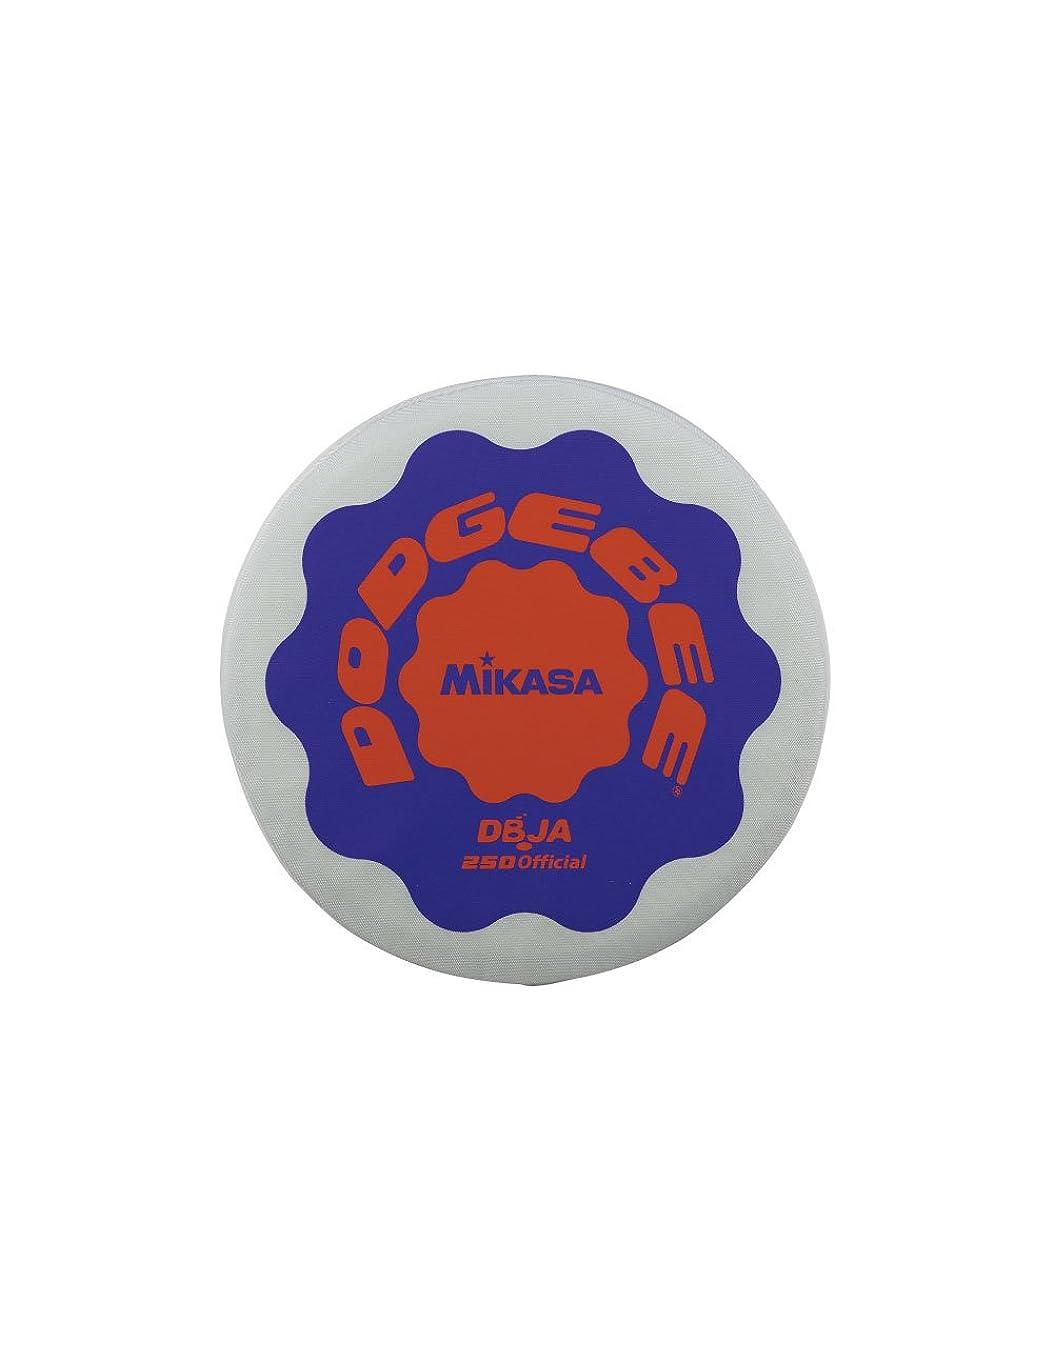 ライムモジュール透明にミカサ ドッヂビー250ミカサモデル ブルー 協会認定 DBJA250-BL [並行輸入品]